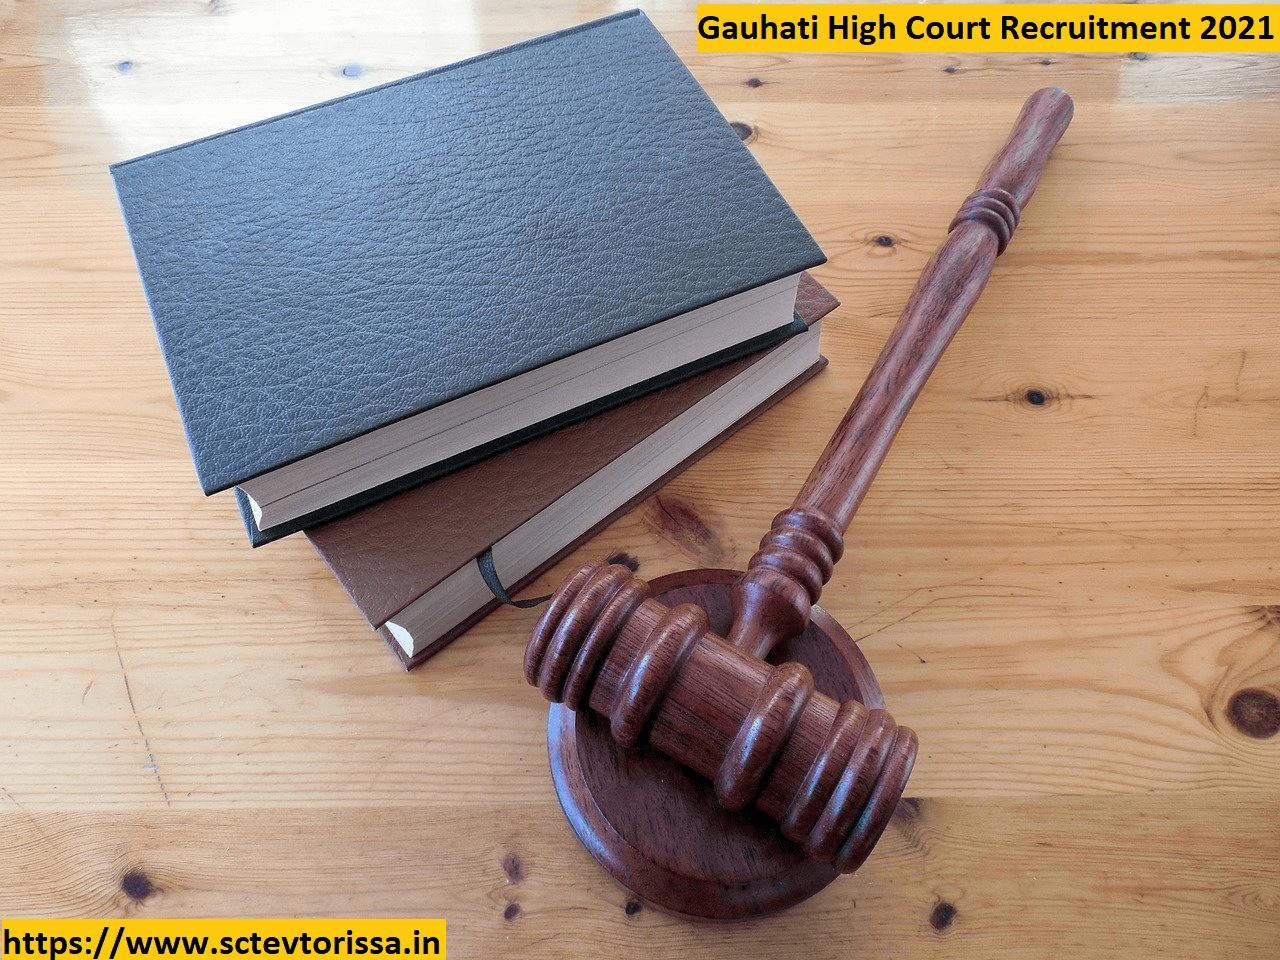 Gauhati High Court LDA Recruitment